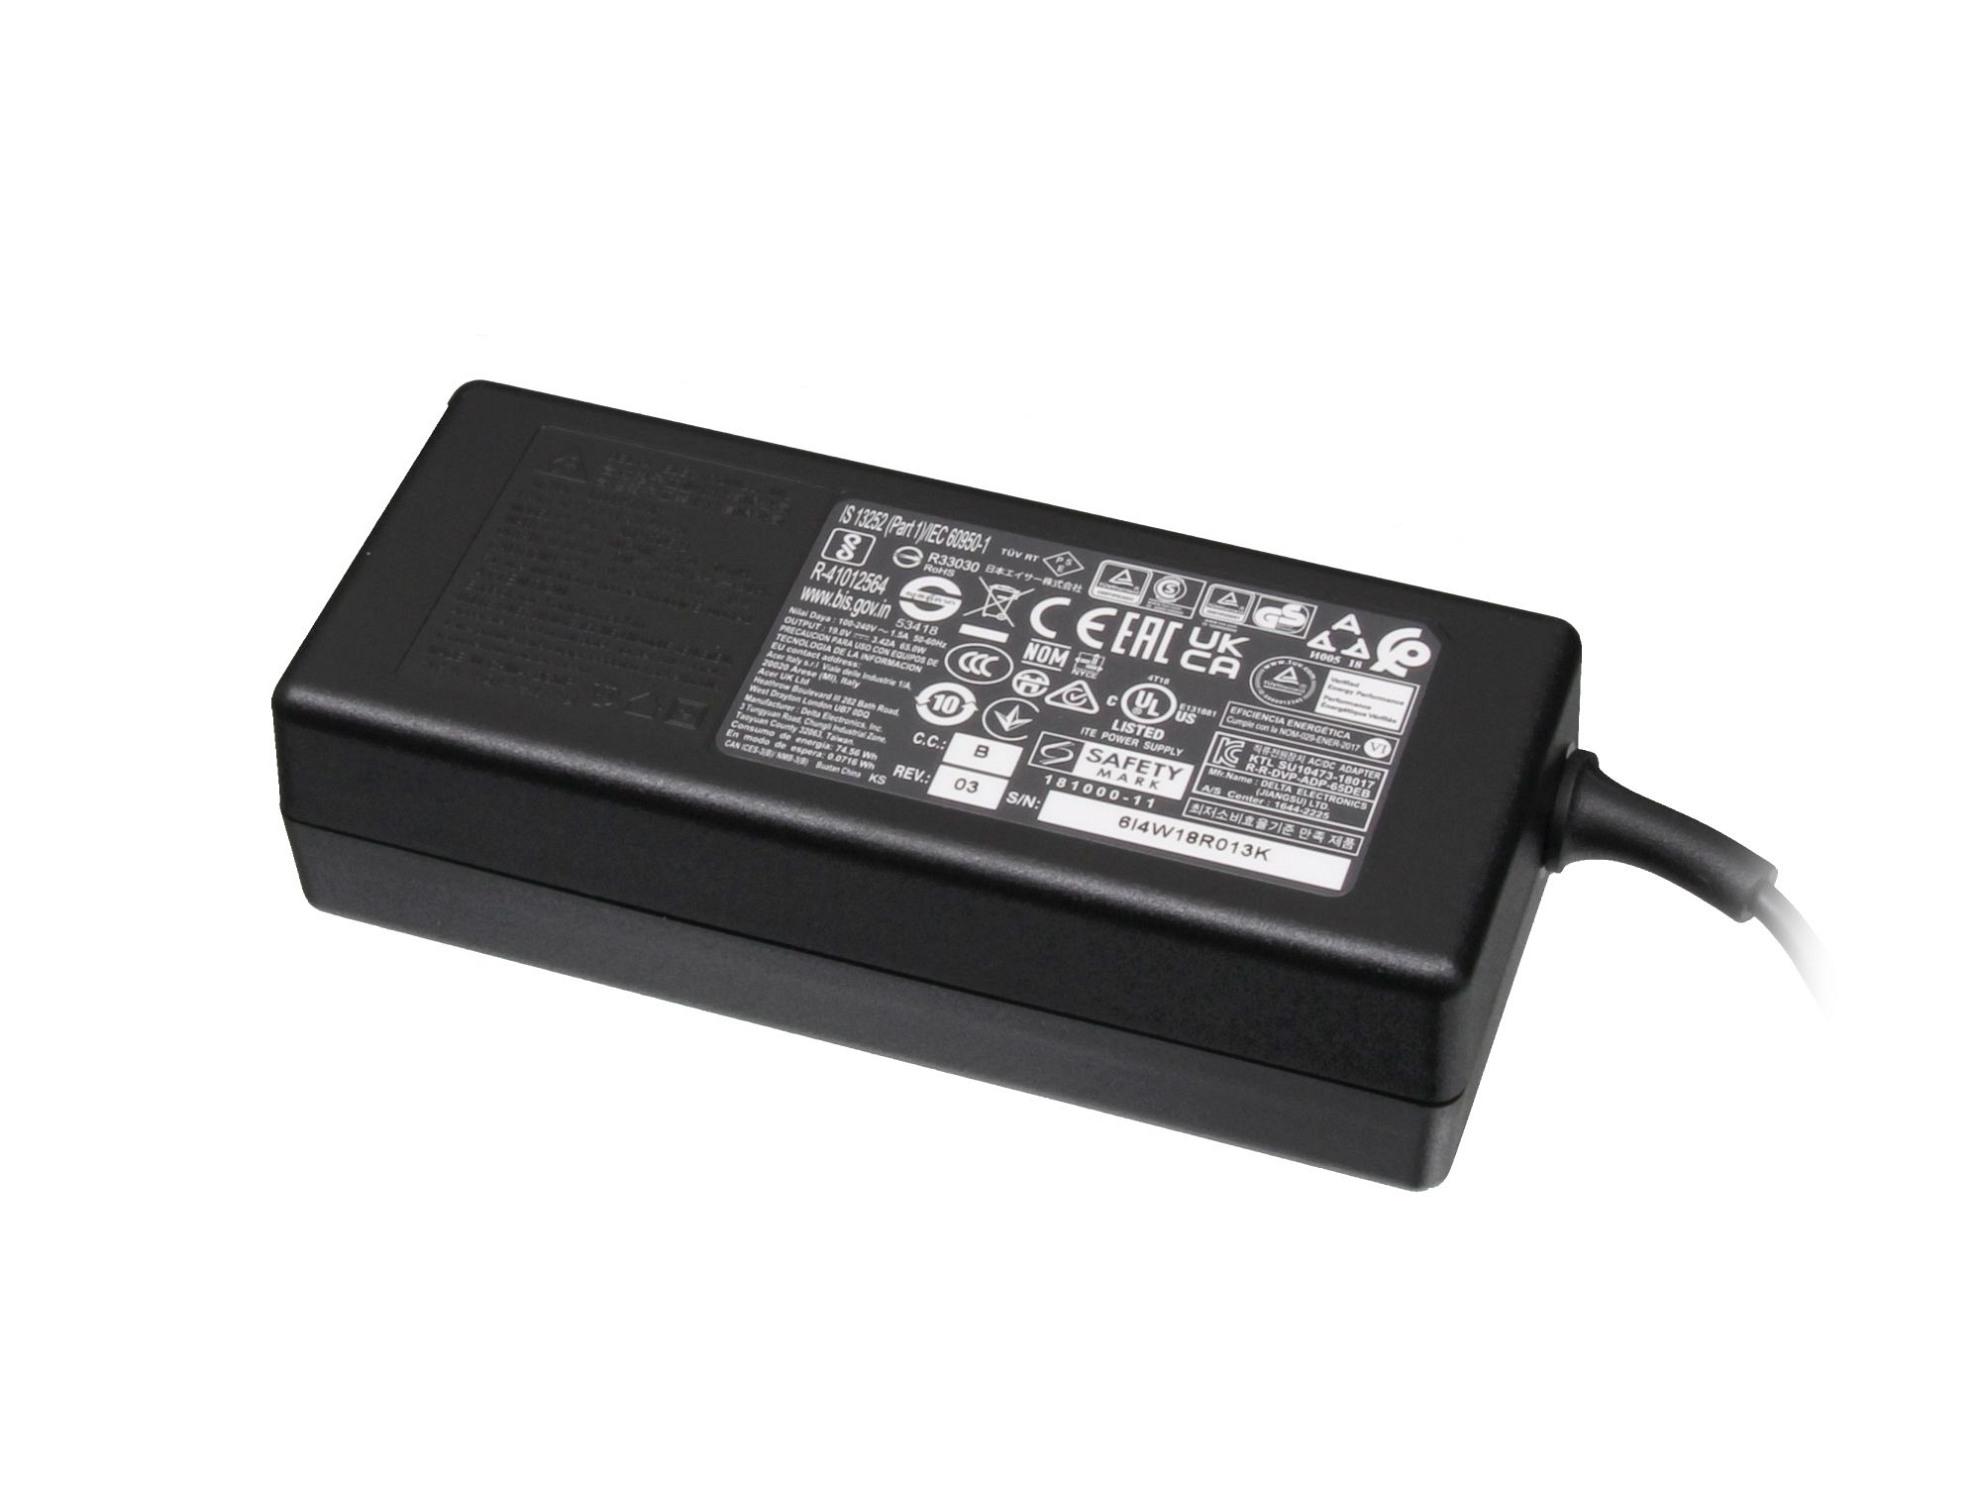 Netzteil Acer Aspire 7250-E452G32Mikk